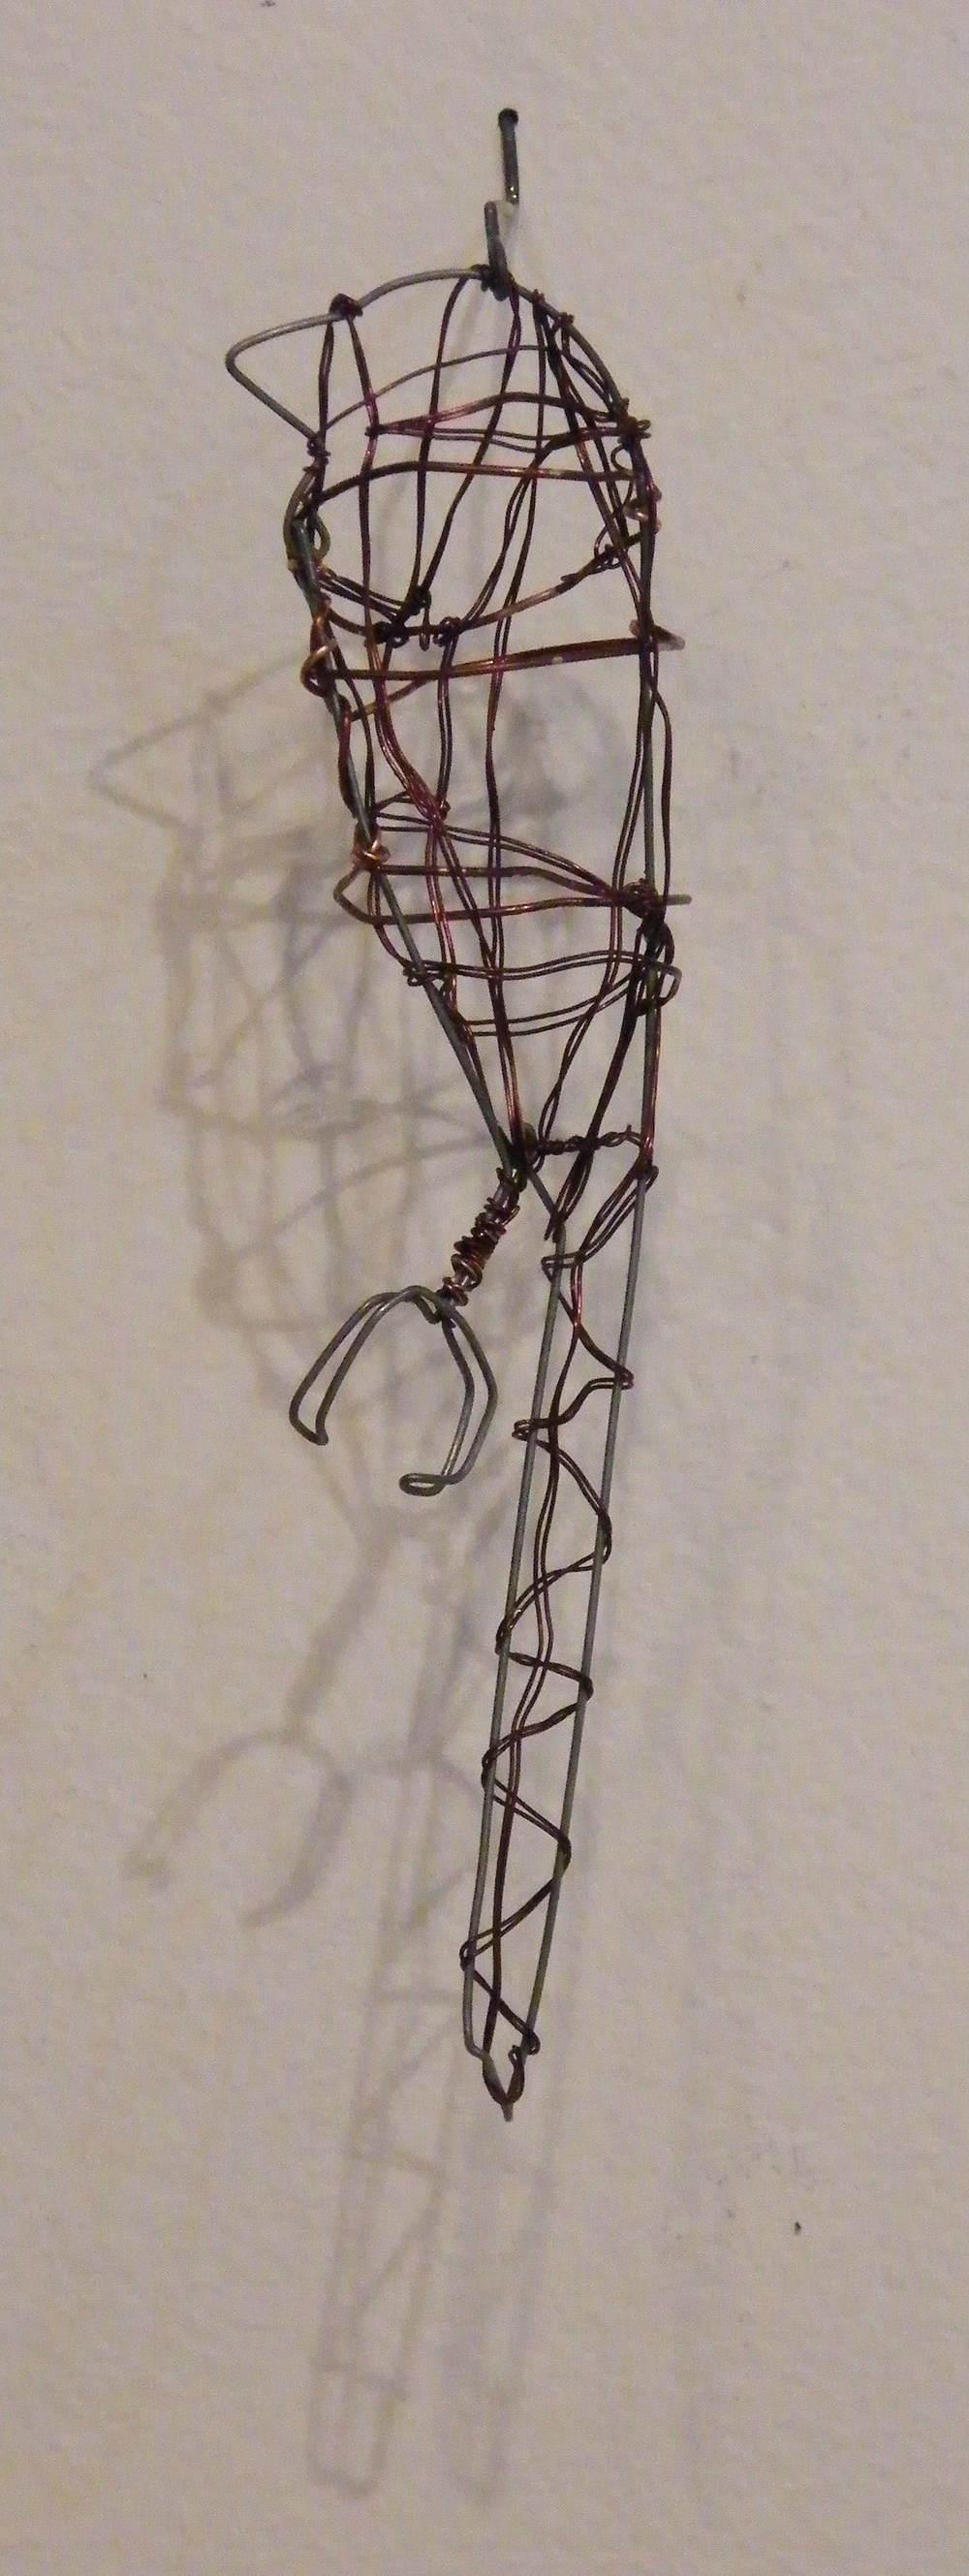 detail, wire woven bird